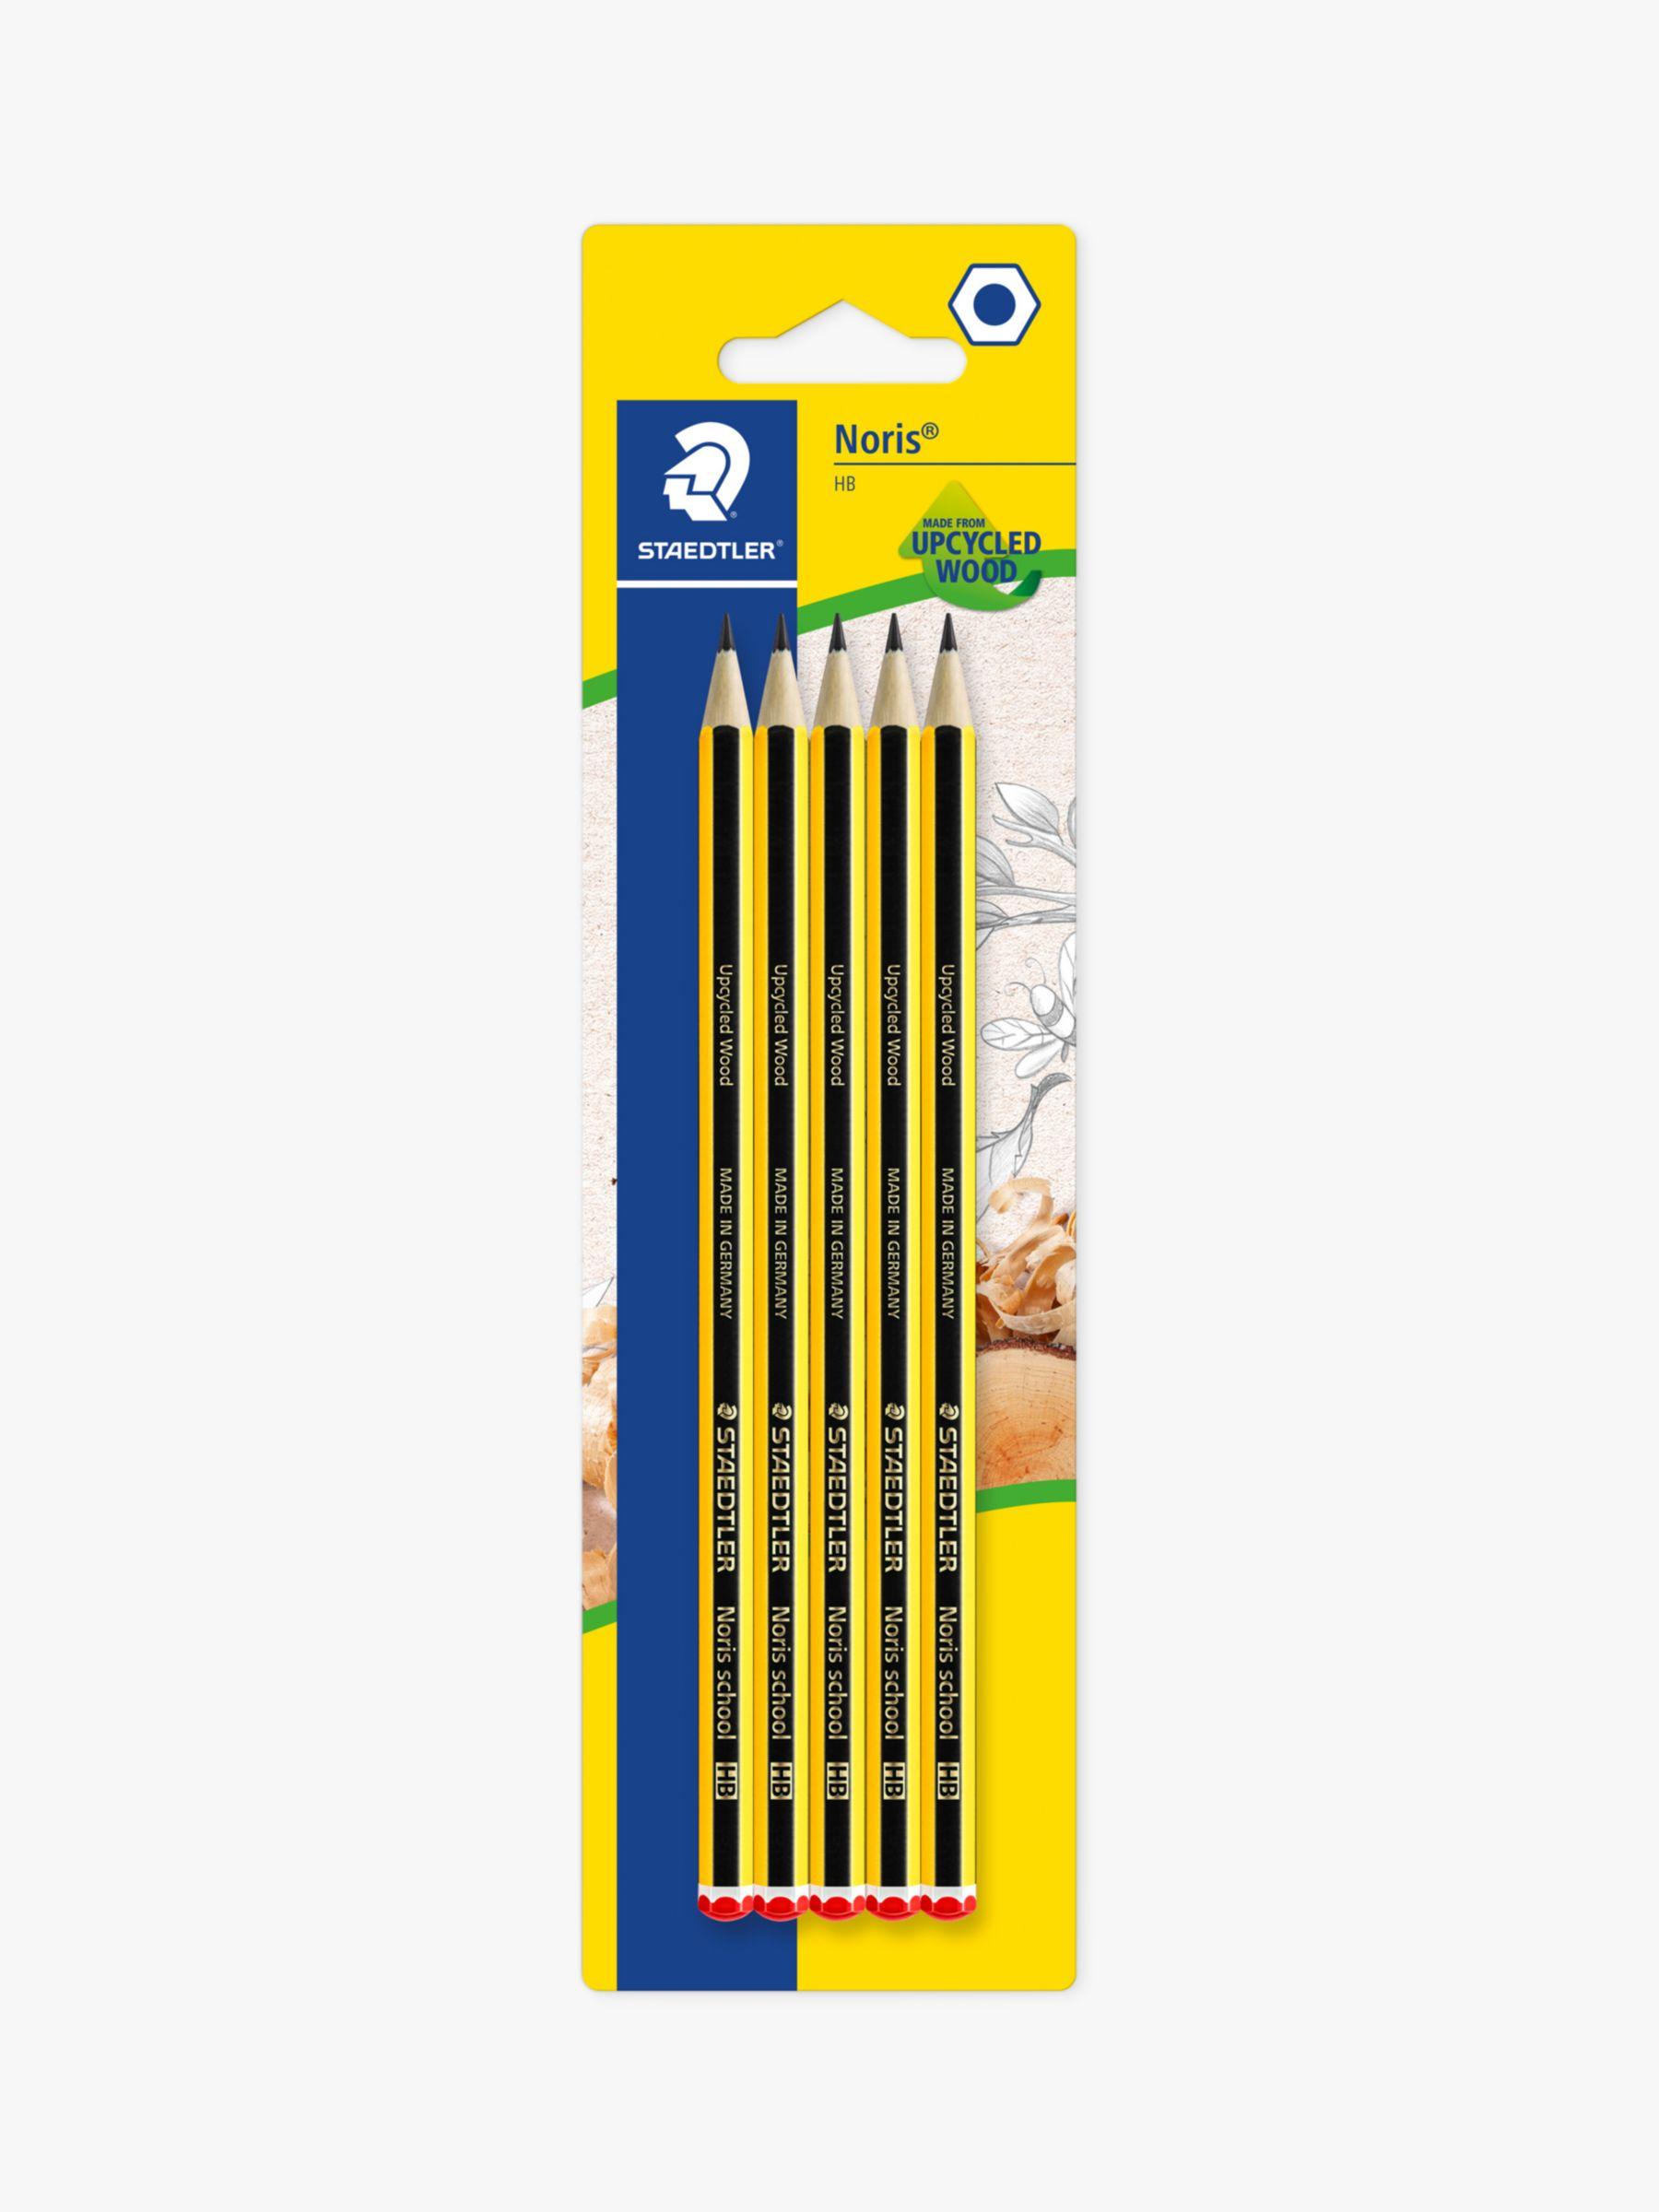 Staedtler STAEDTLER Noris HB Pencils, Pack of 5